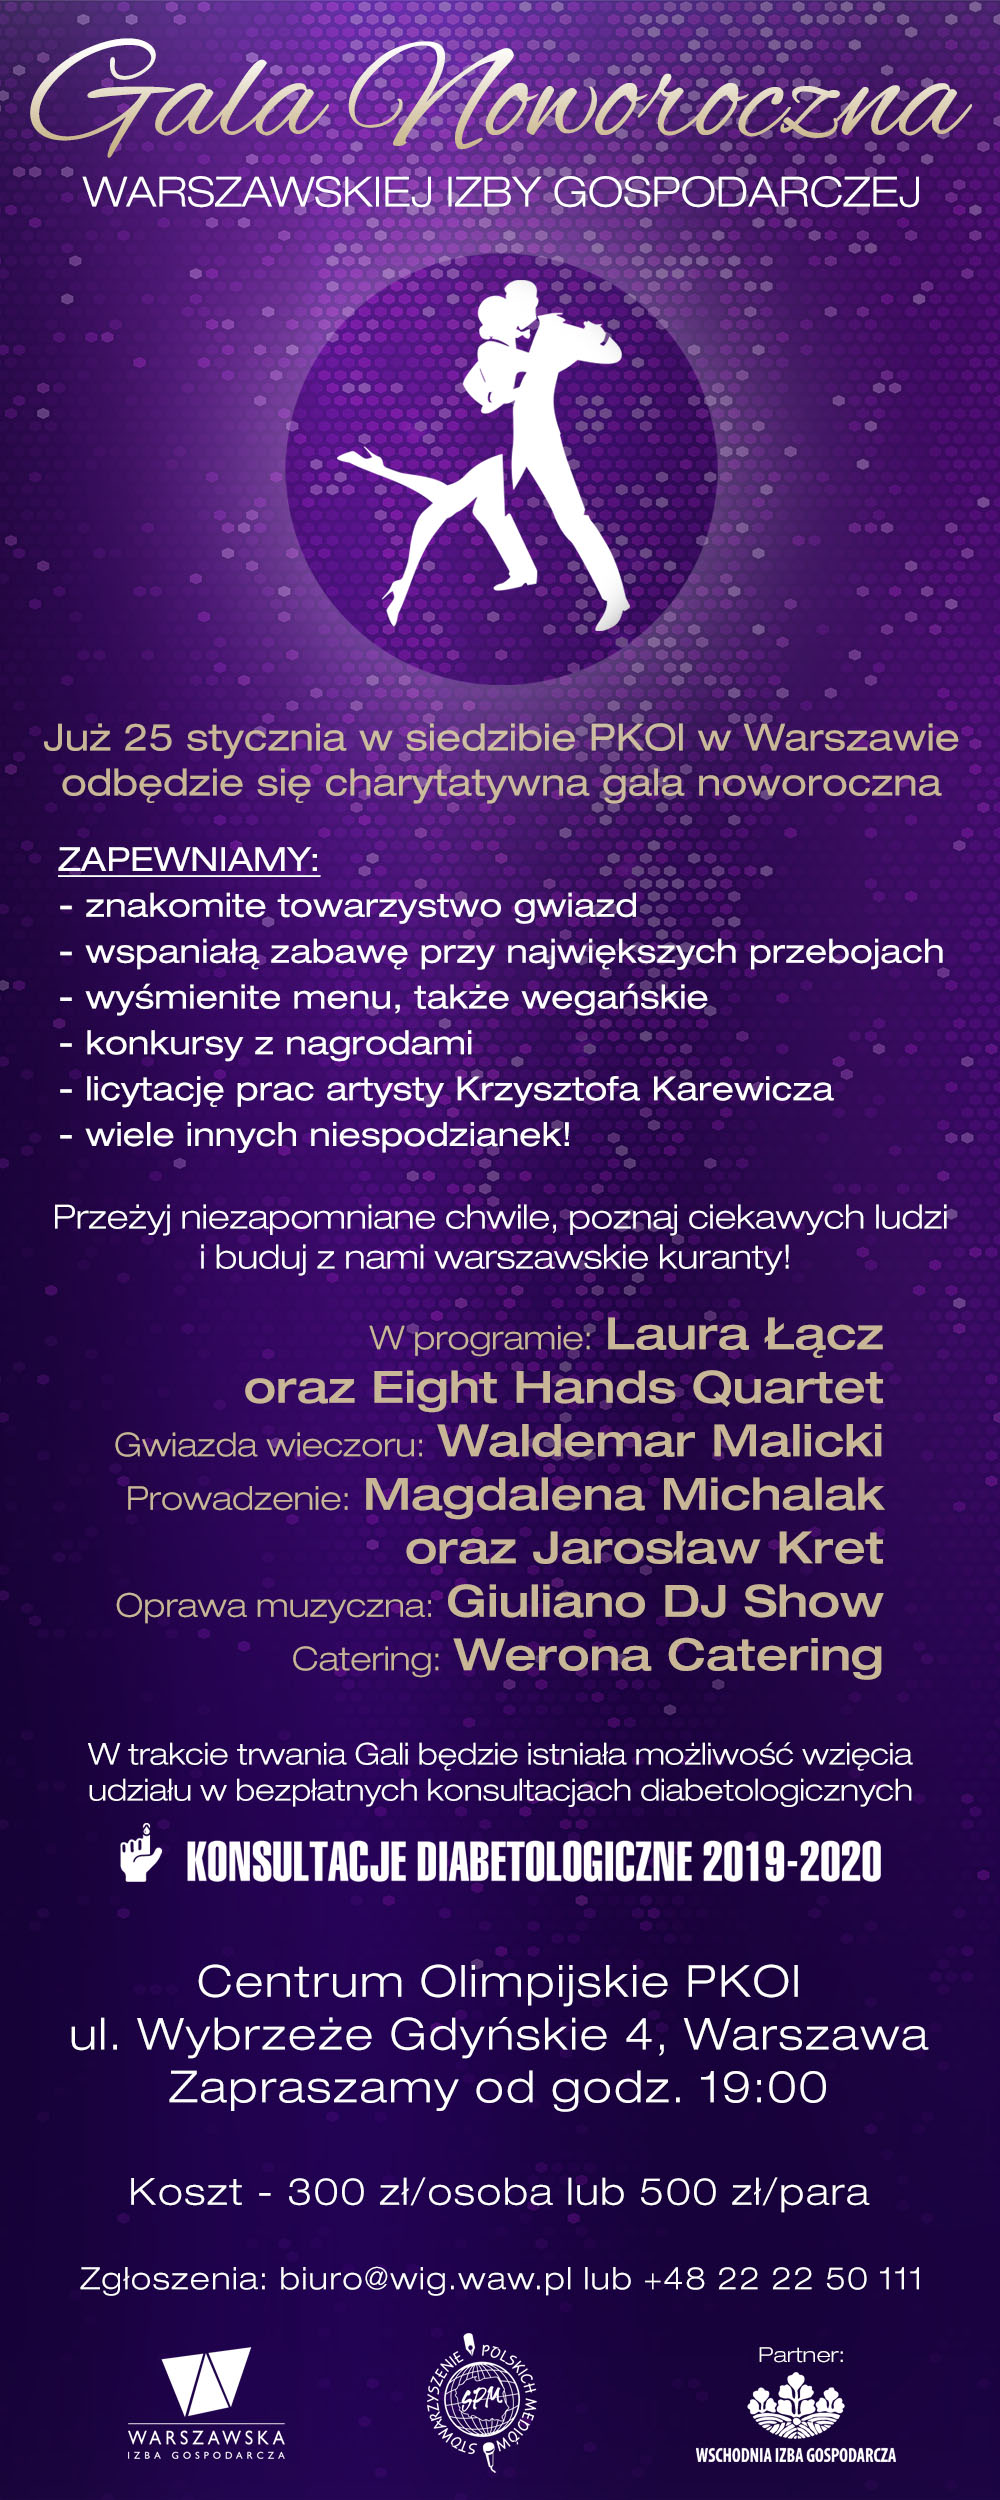 Gala Noworoczna Warszawskiej Izby Gospodarczej